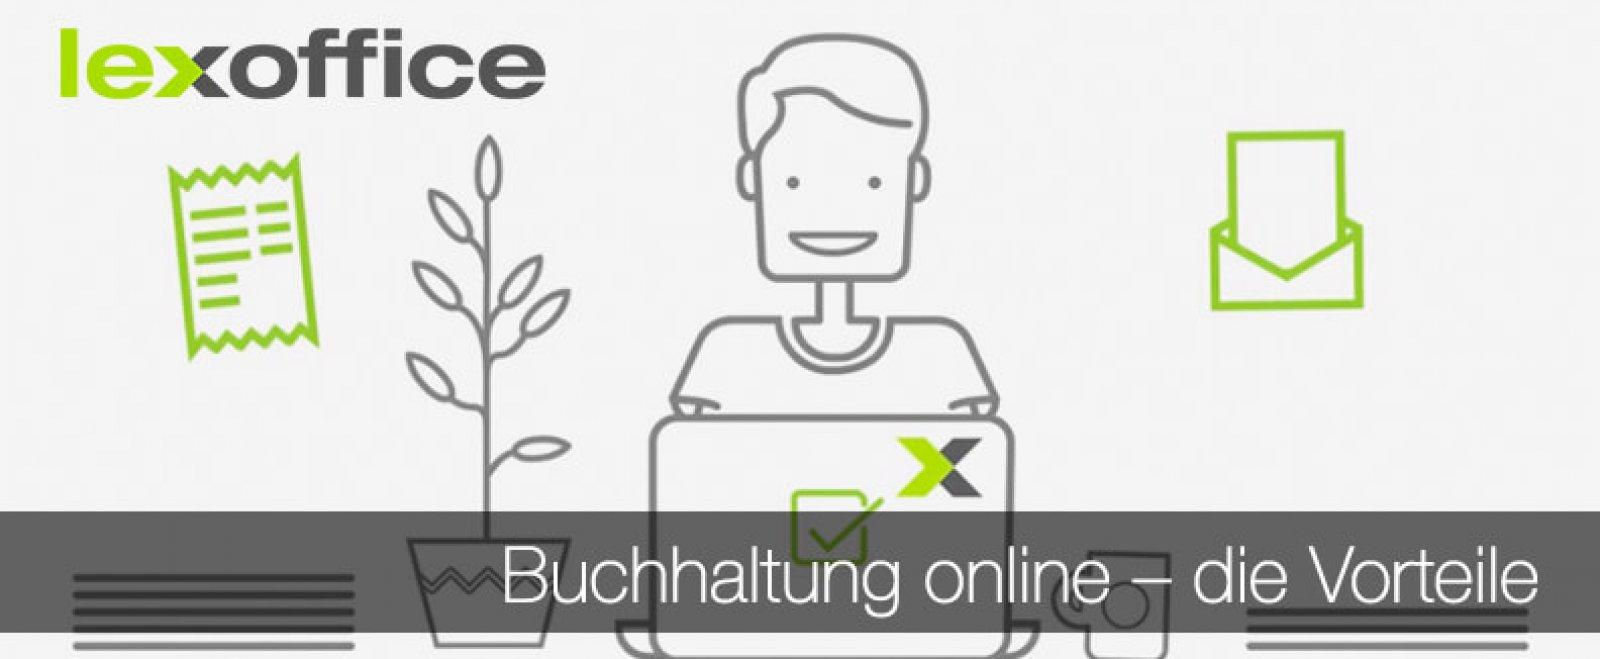 Buchhaltung online - die Vorteile von lexoffice